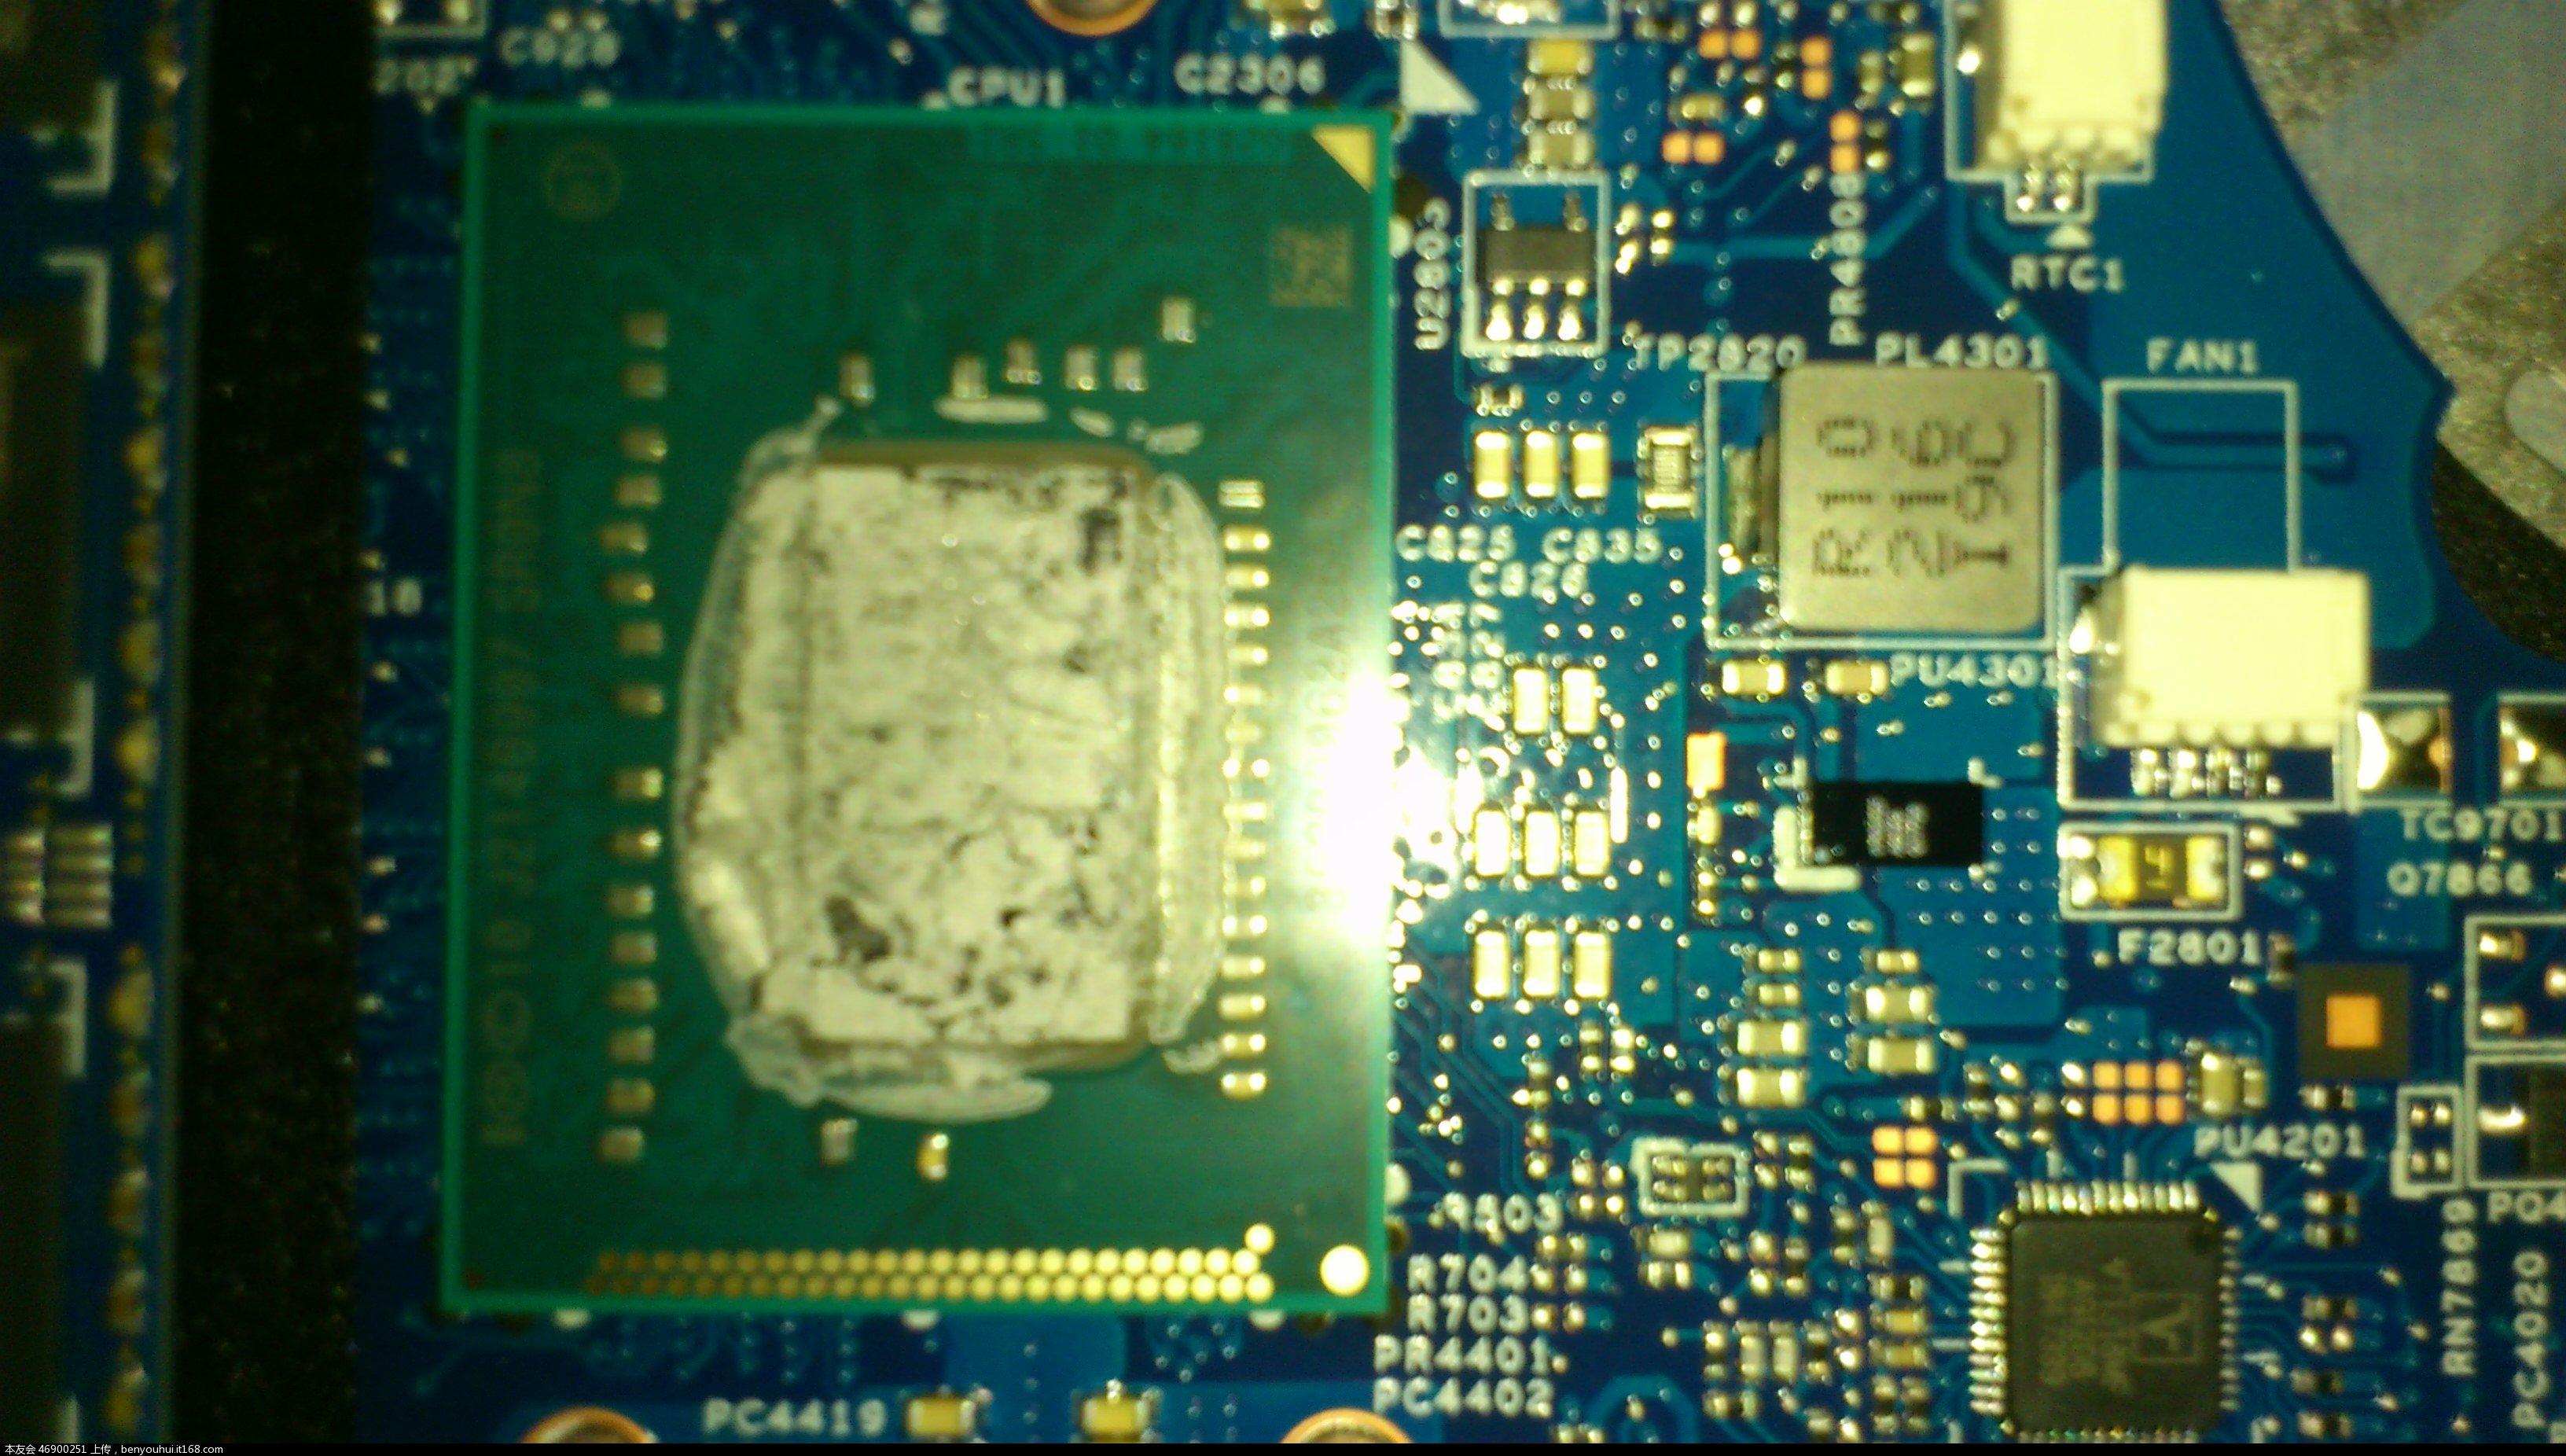 索尼z1mini主板电路图